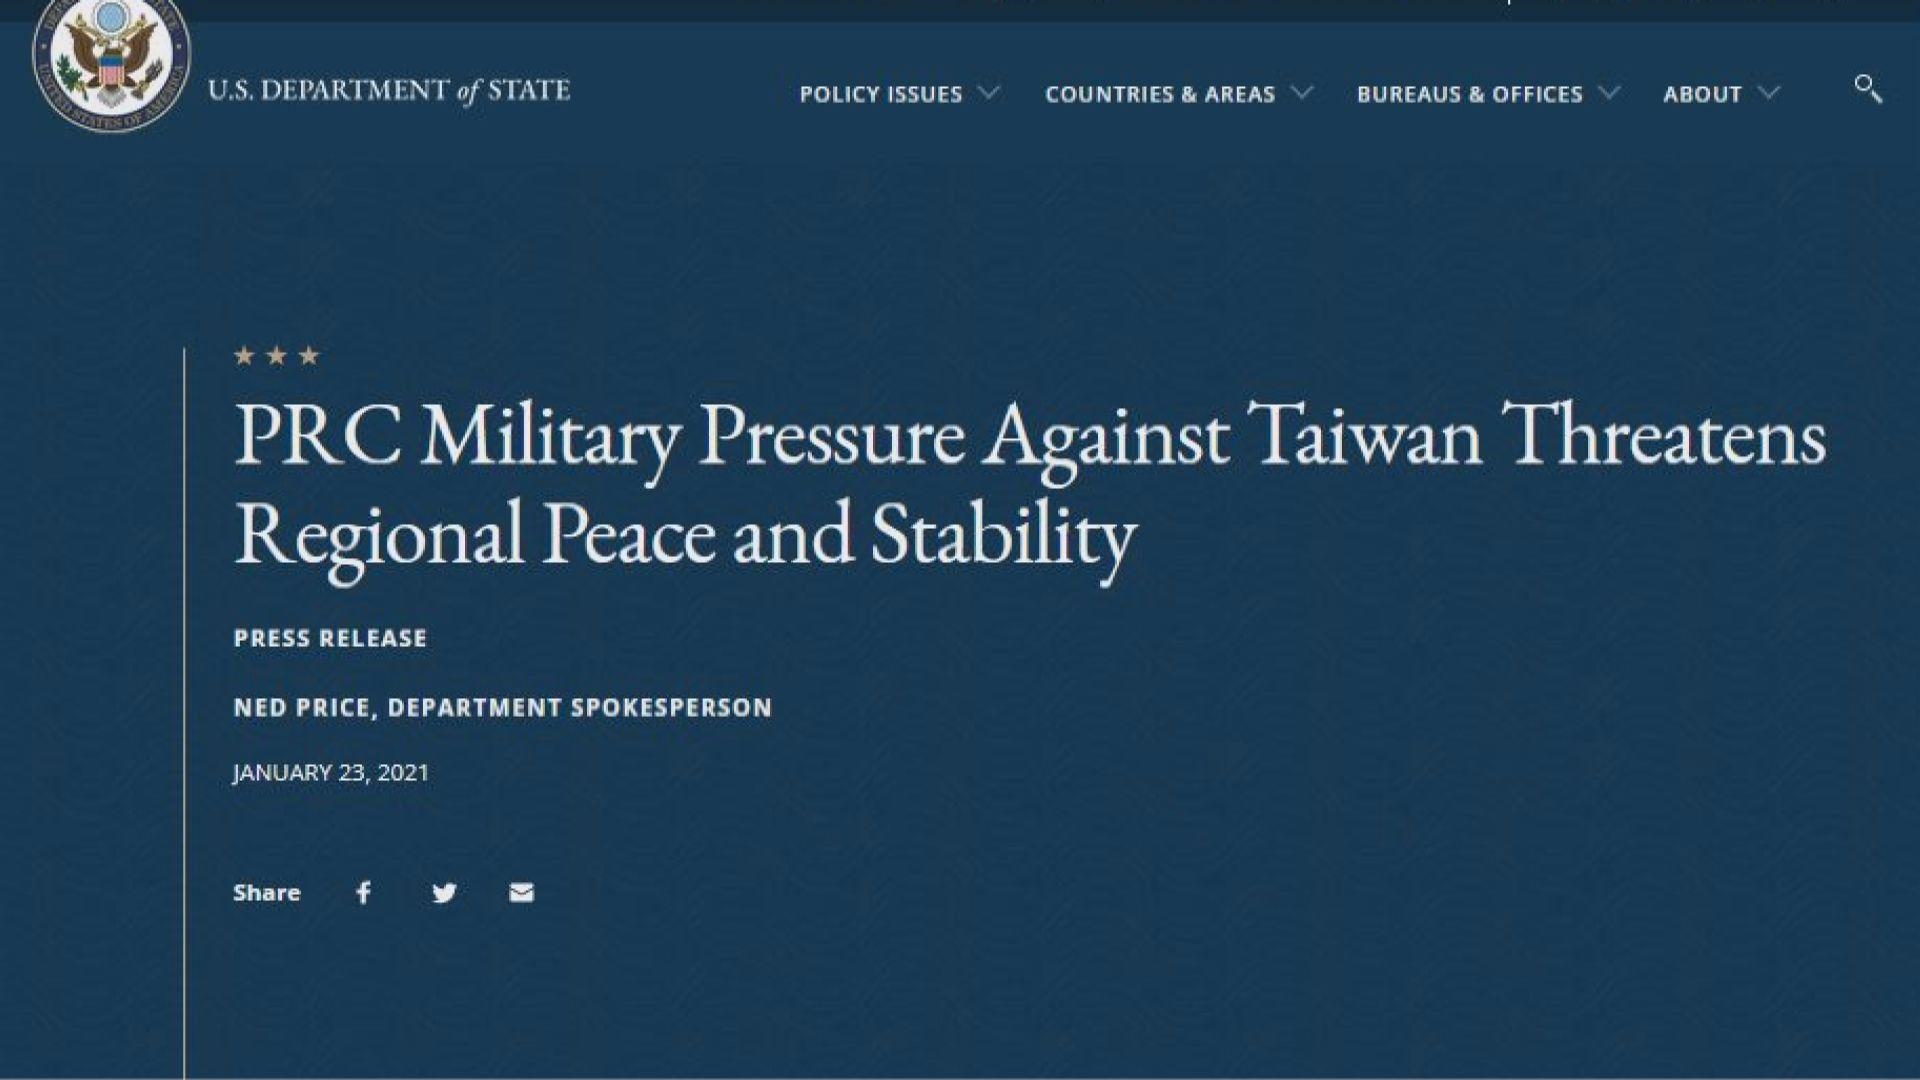 解放軍再出動15架次軍機進入台灣西南空域 為今年以來最大規模